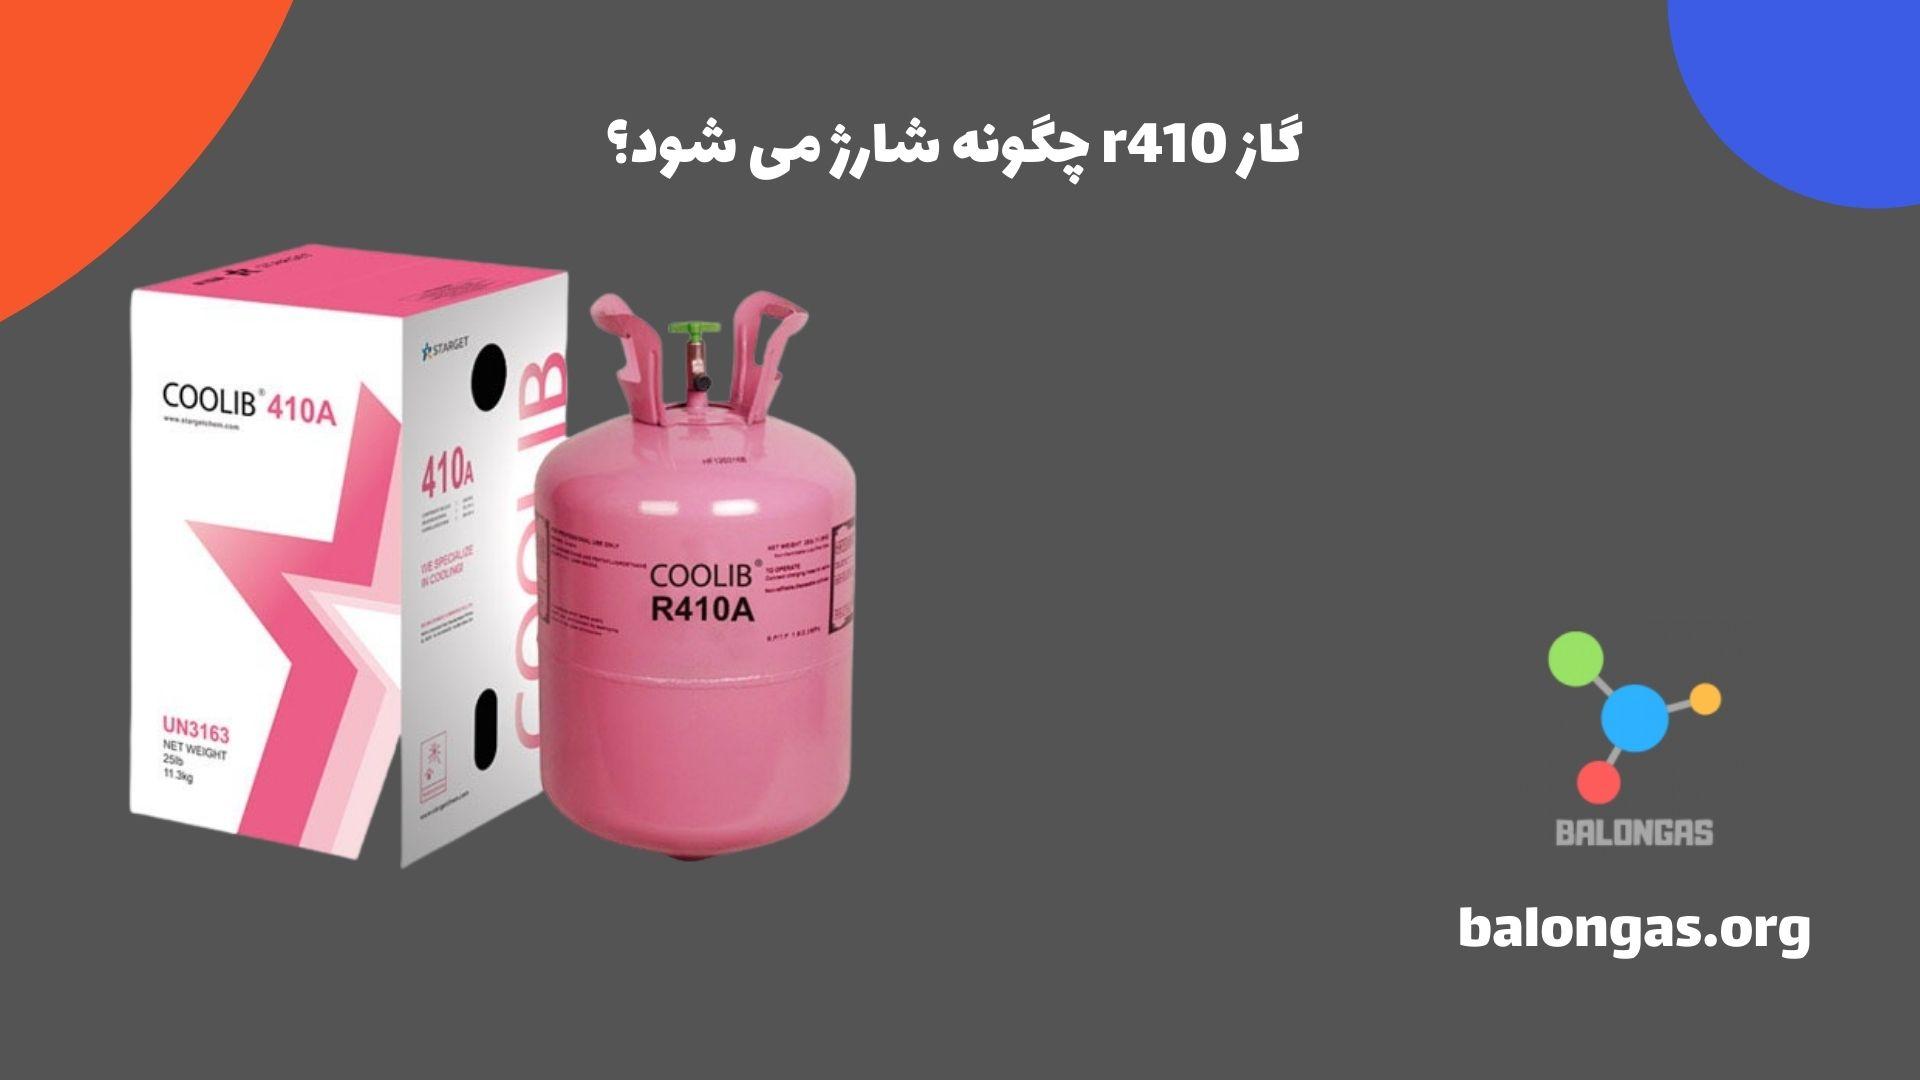 گاز r410 چگونه شارژ می شود؟